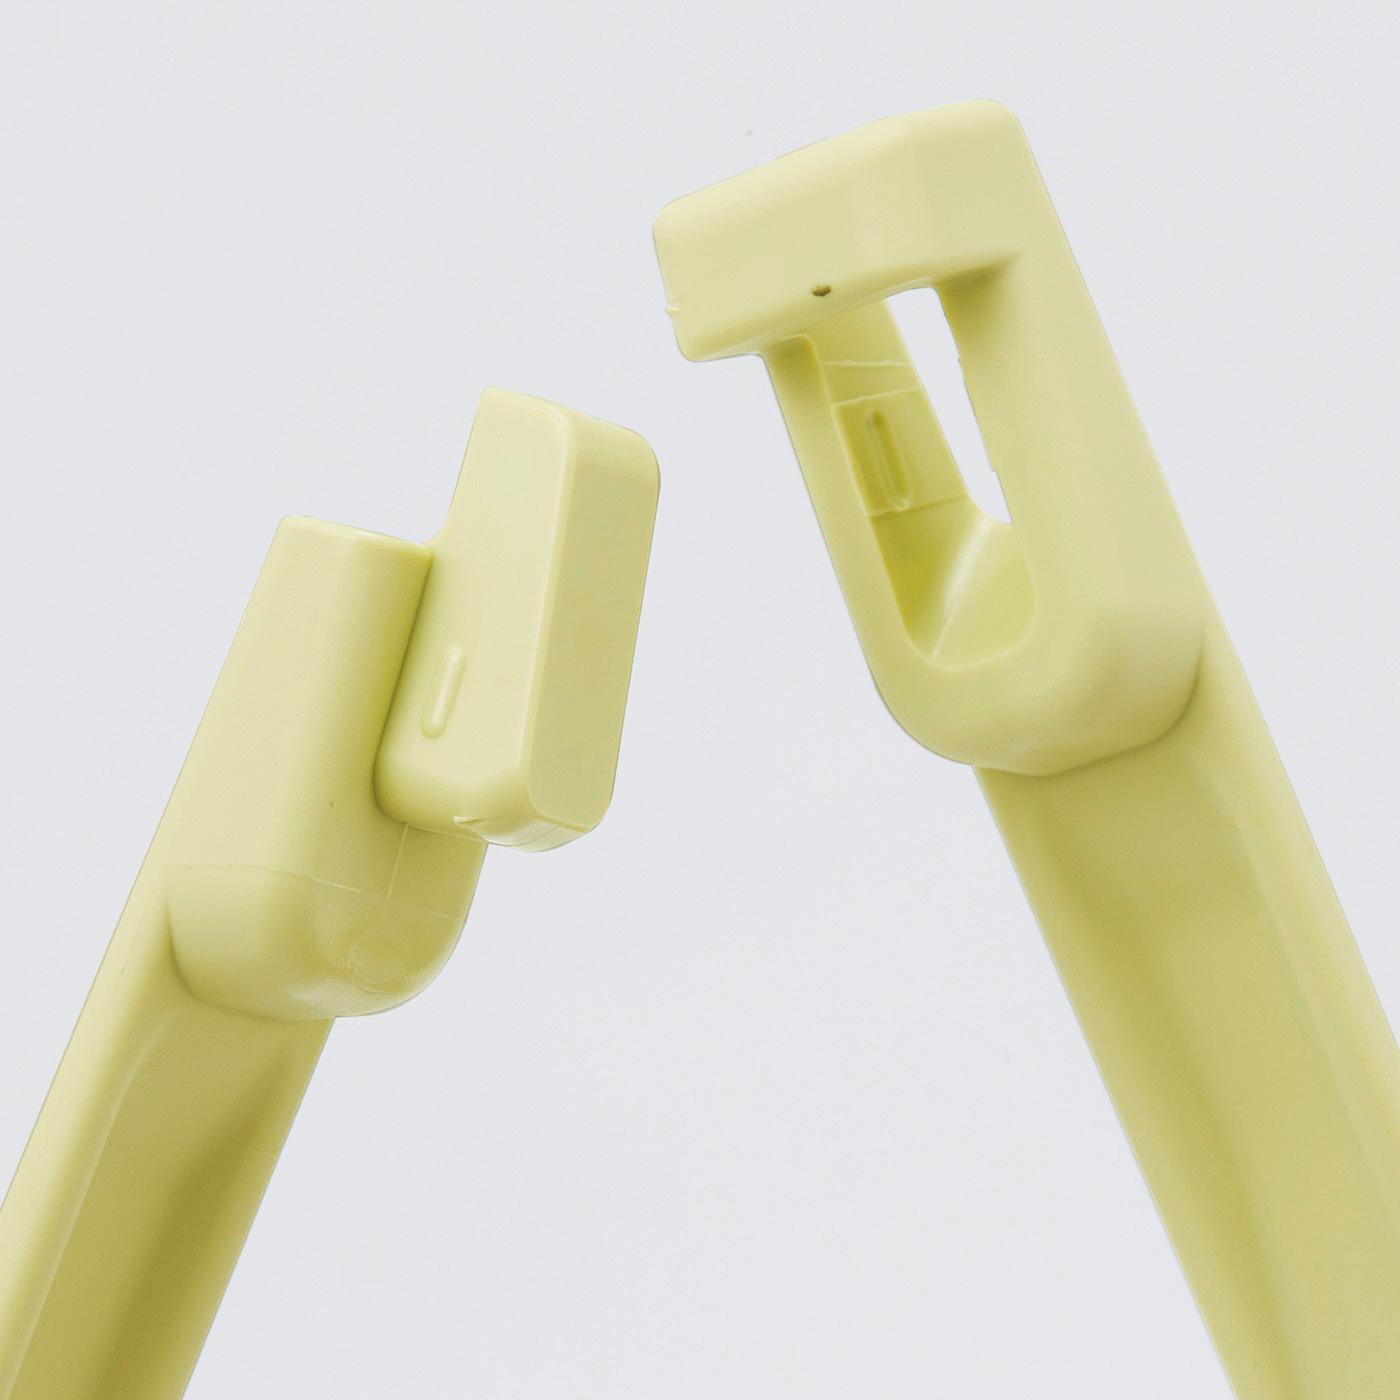 トングの接続部分ははめ込み式。調理中や洗うときにサッと分解できます。